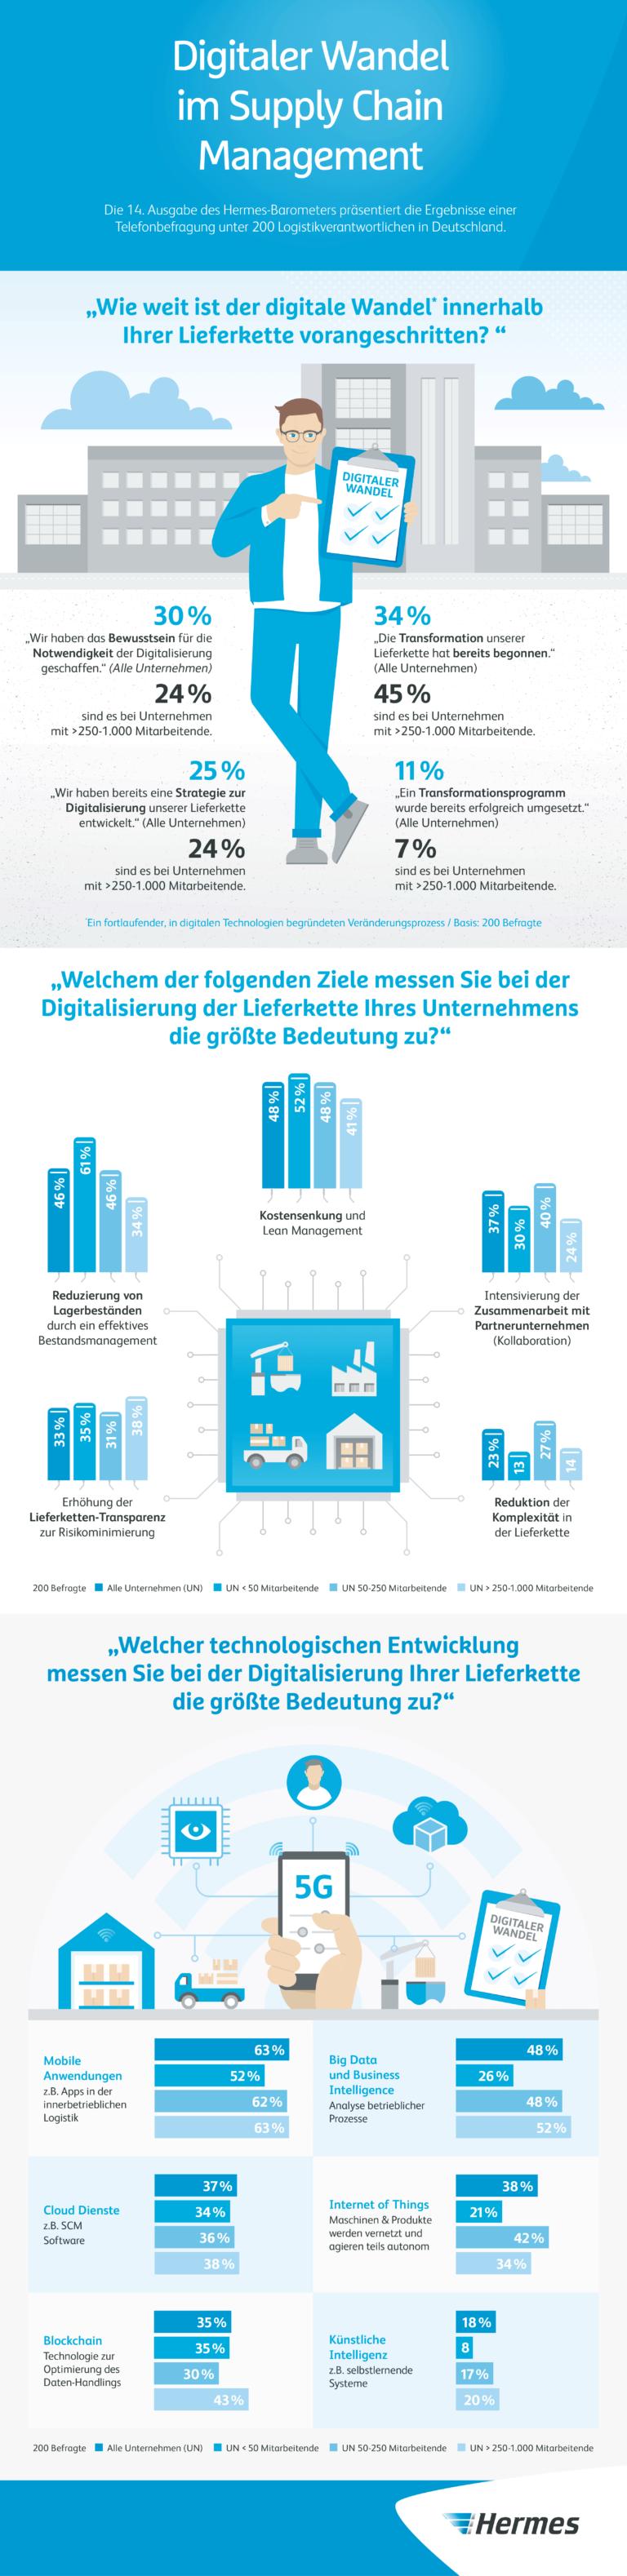 Infografik 14. Hermes-Barometer: Digitaler Wandel im Supply Chain Management (PNG)    Studie, Umfrage, Digitalisierung, Logistik